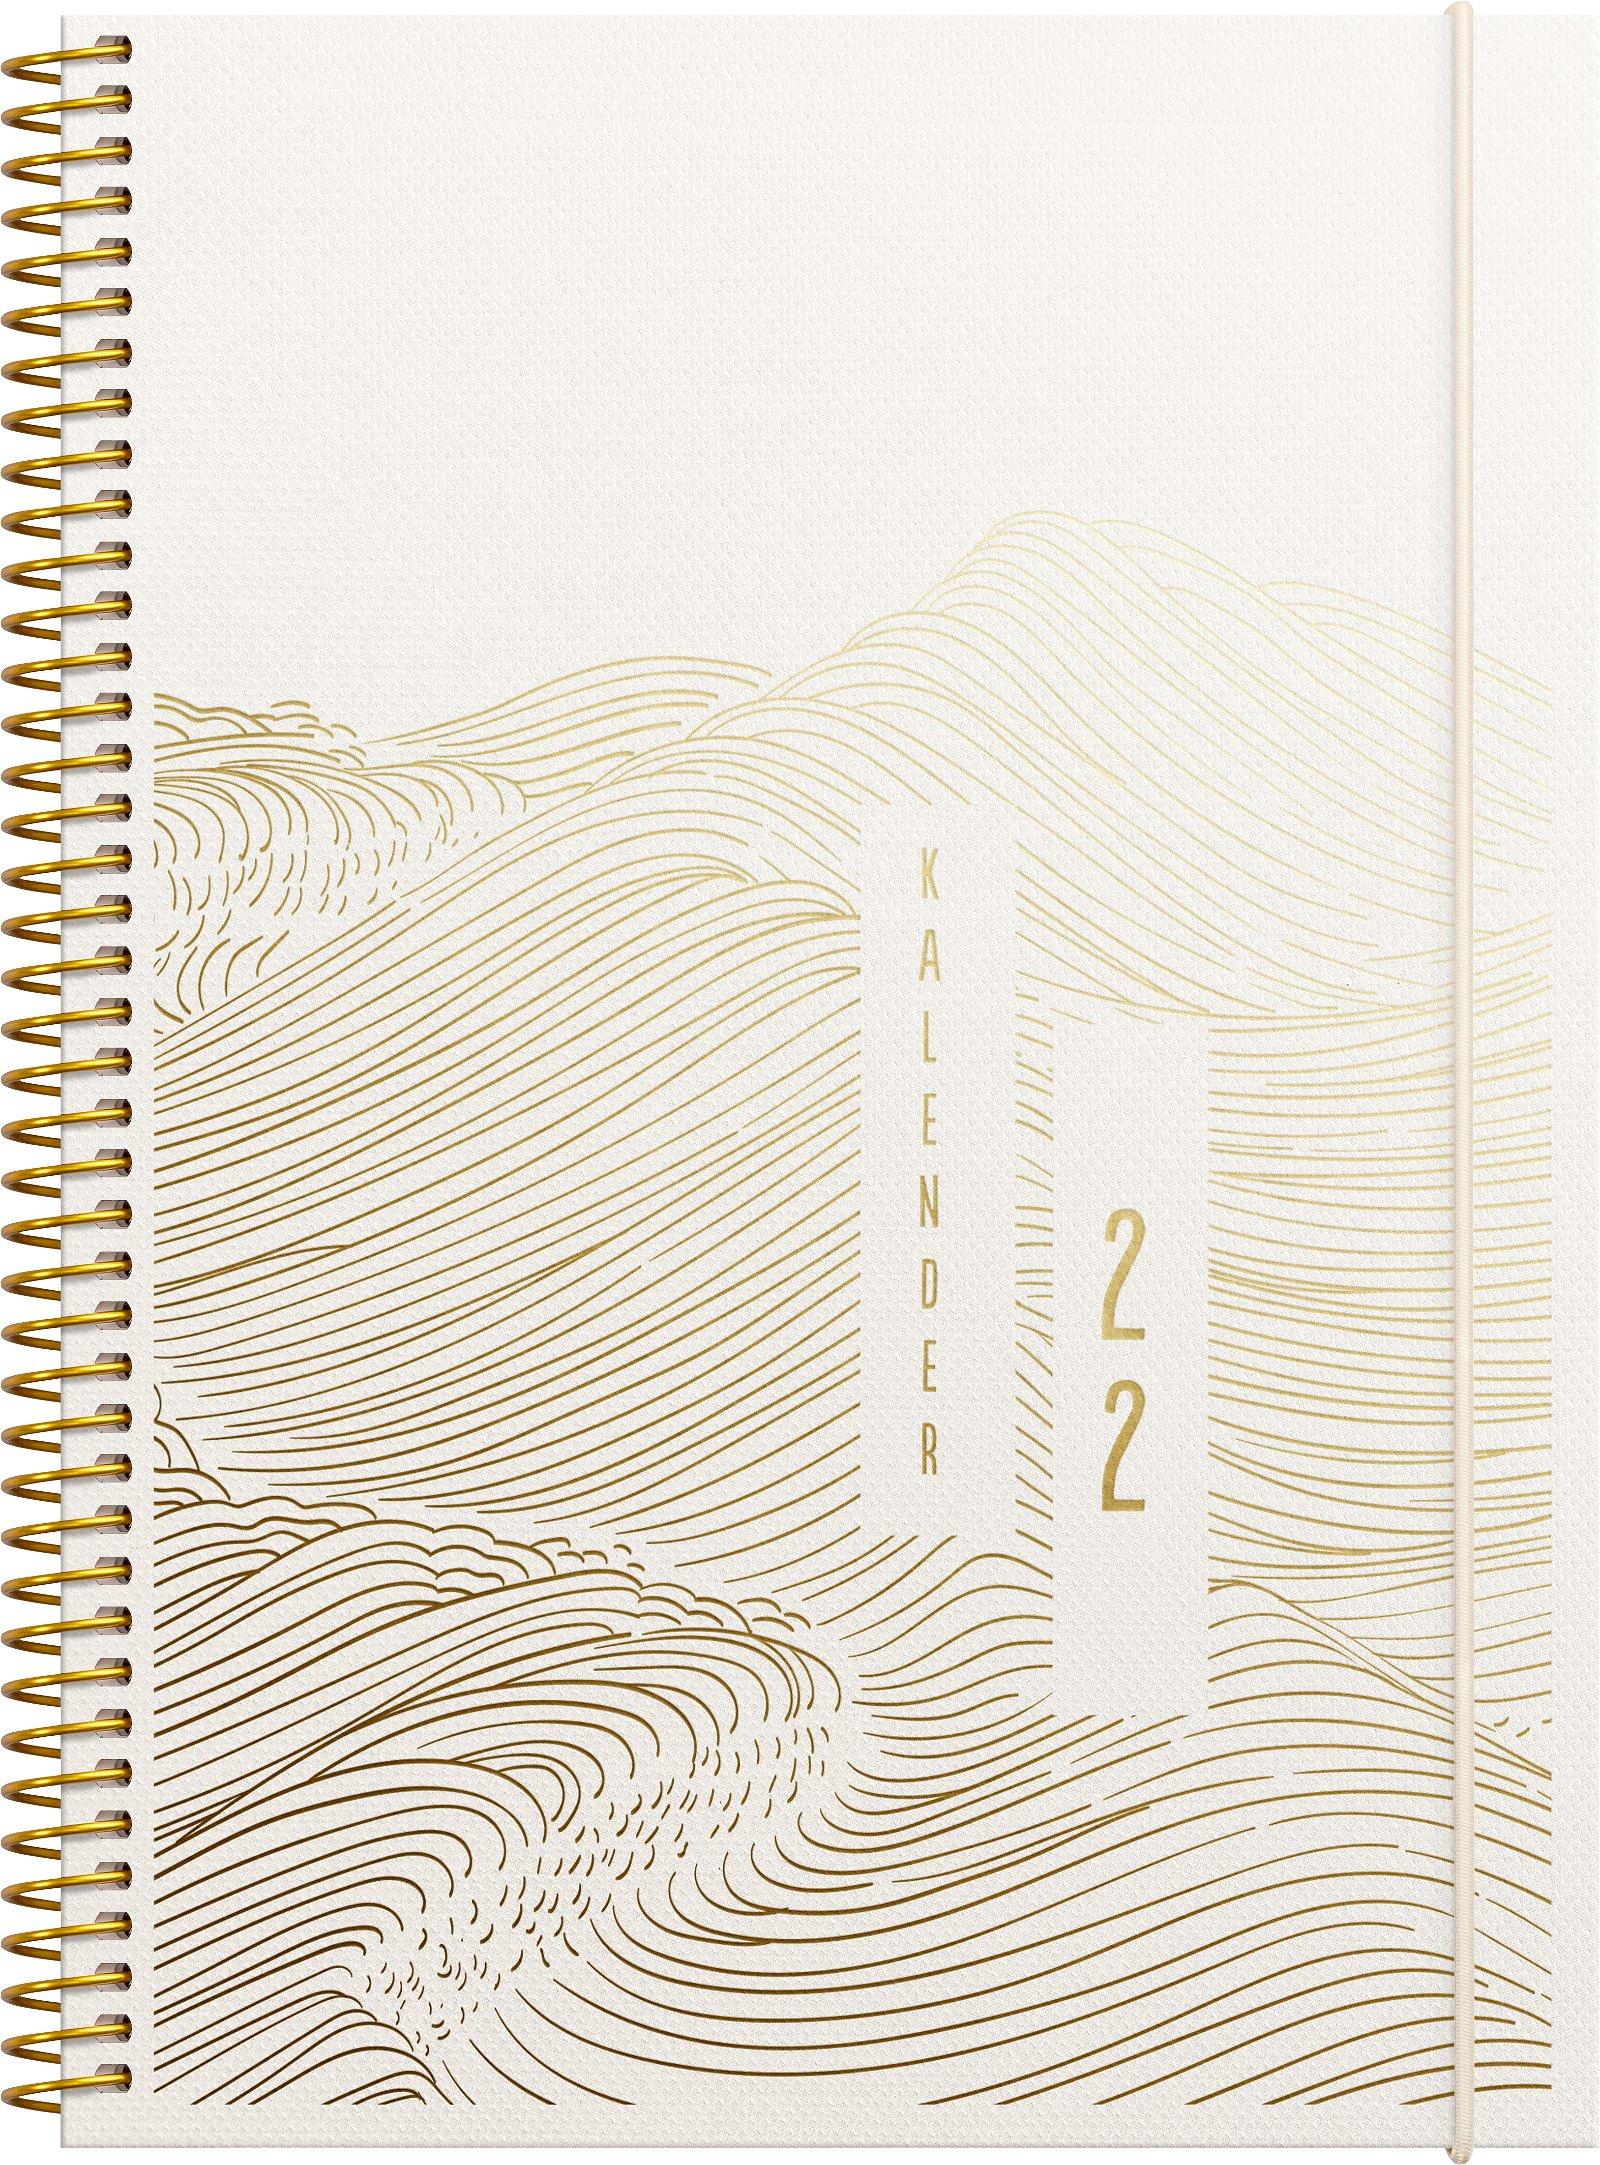 Mayland ugekalender tekstilpræg 2022